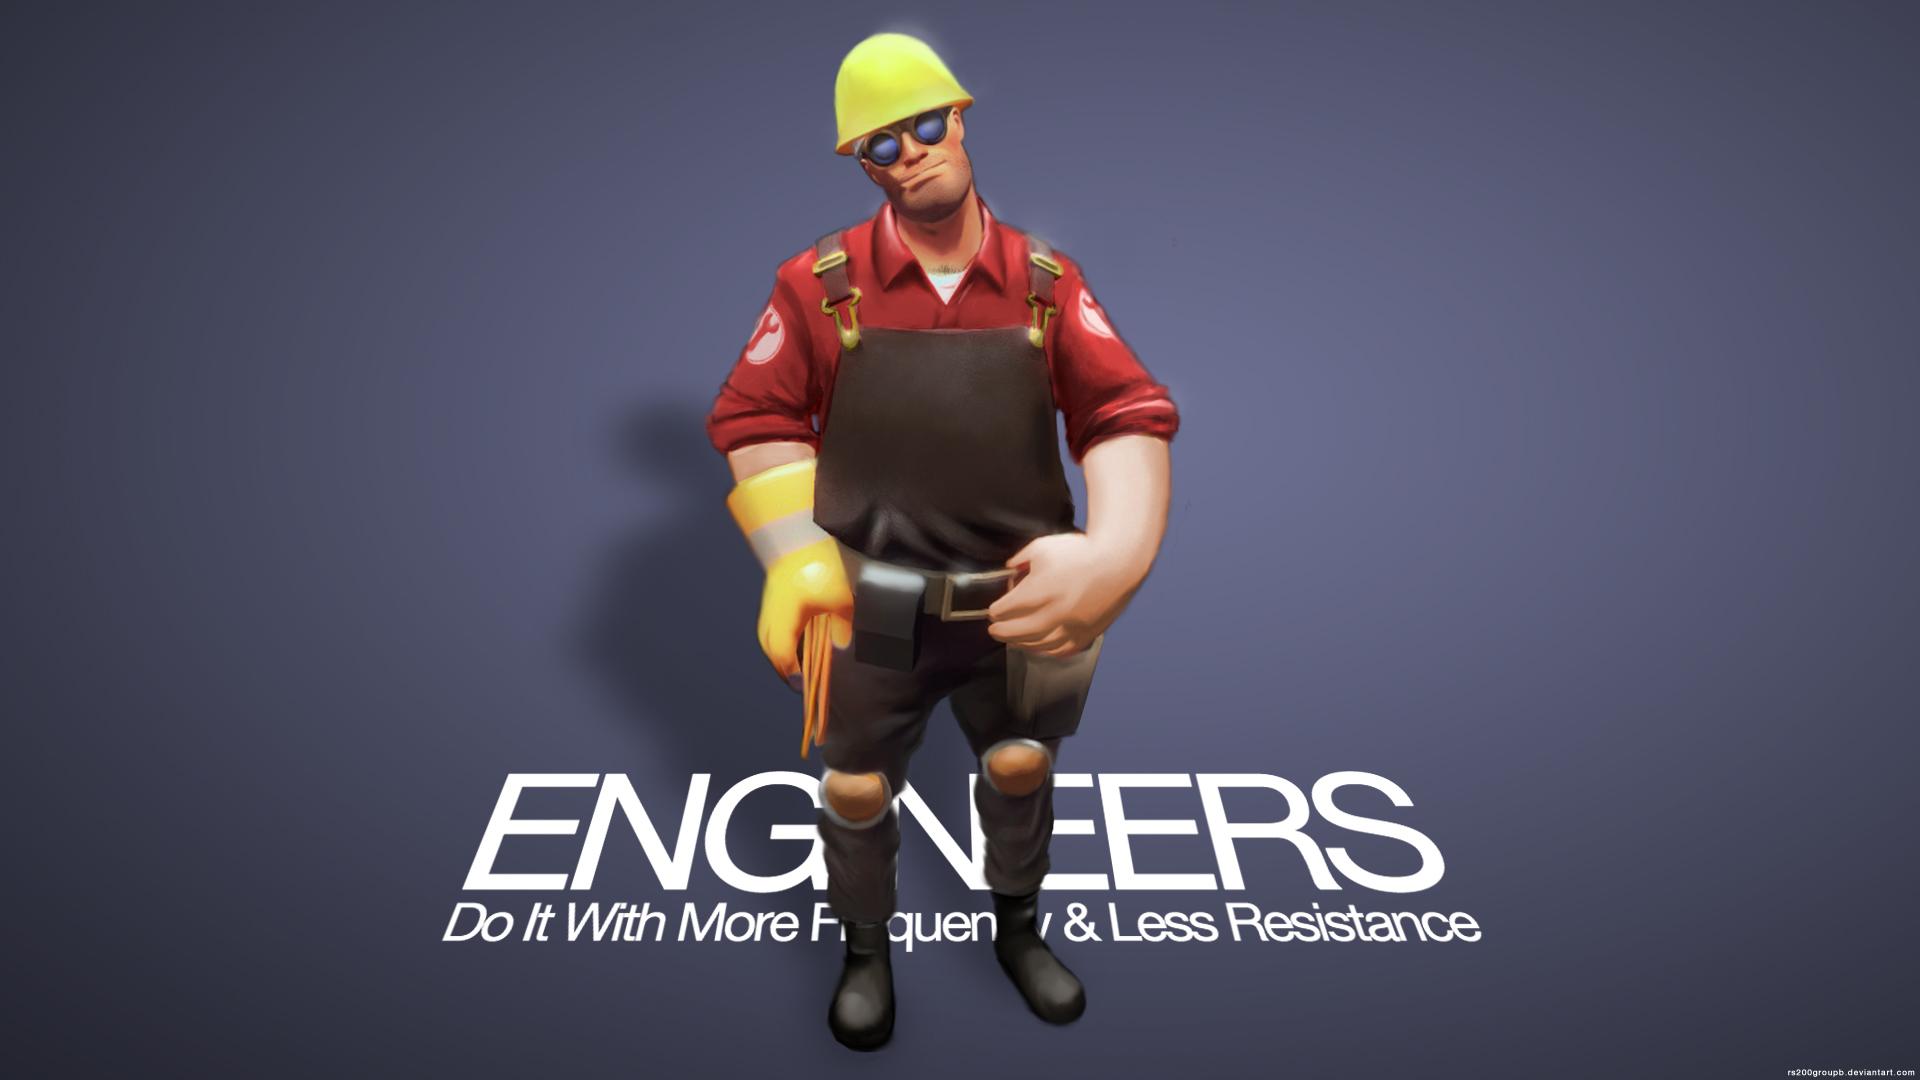 фото, картинки на рабочий стол инженер ваша жизнь будет